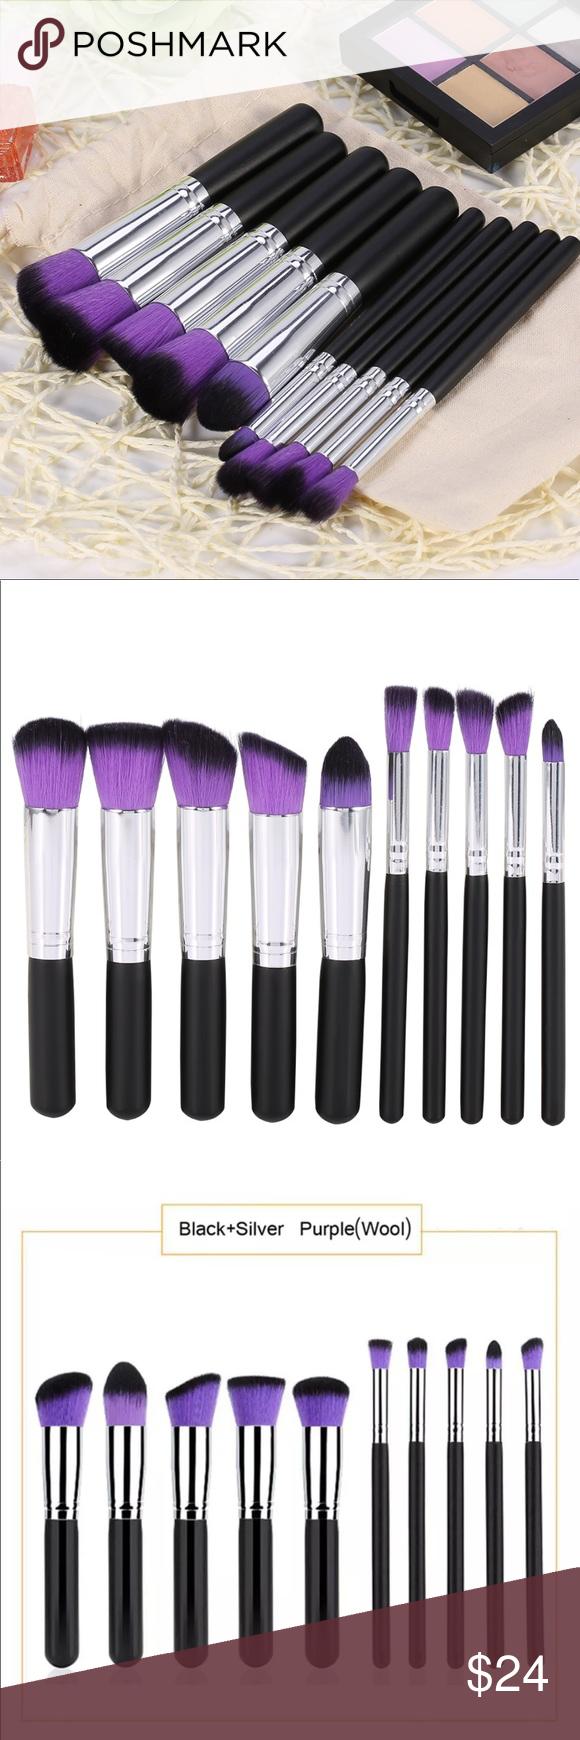 Black / Purple 10PC Kabuki Makeup Brush Set Boutique